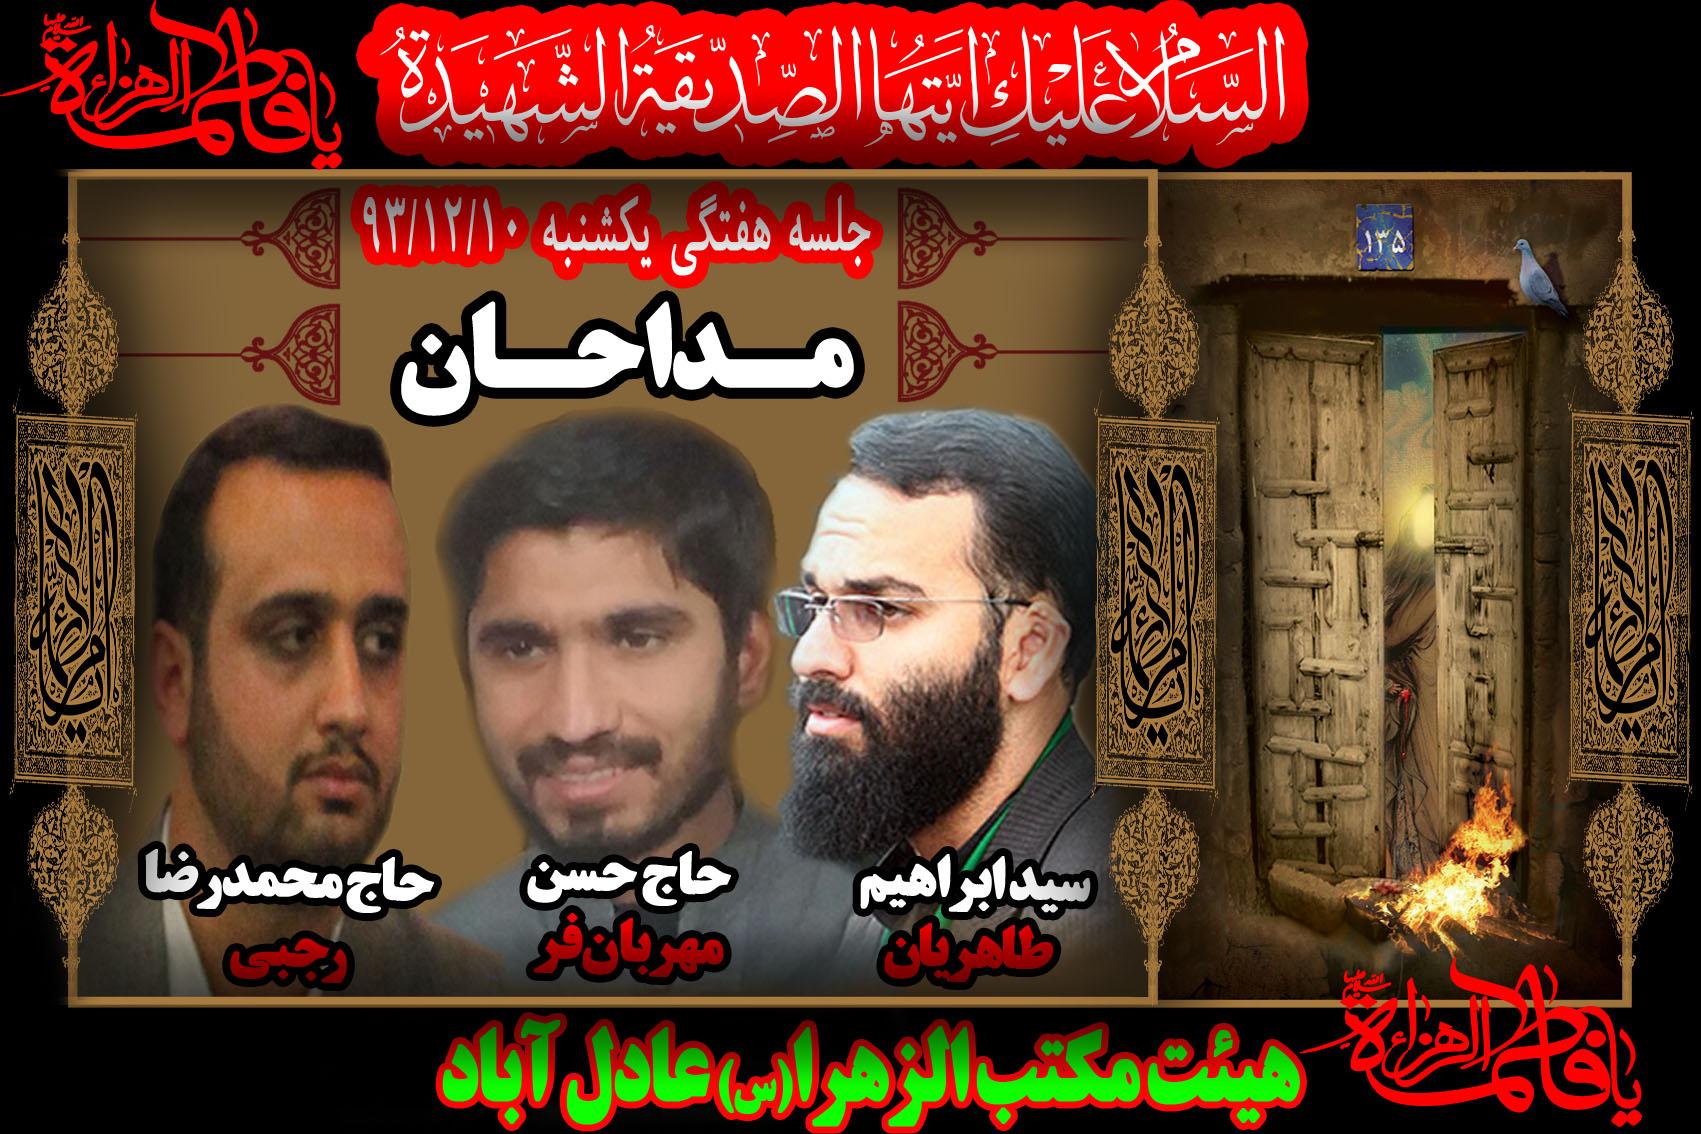 حاج حسن مهربان فر،سید ابراهیم طاهریان،حاج محمدرضا رجبی